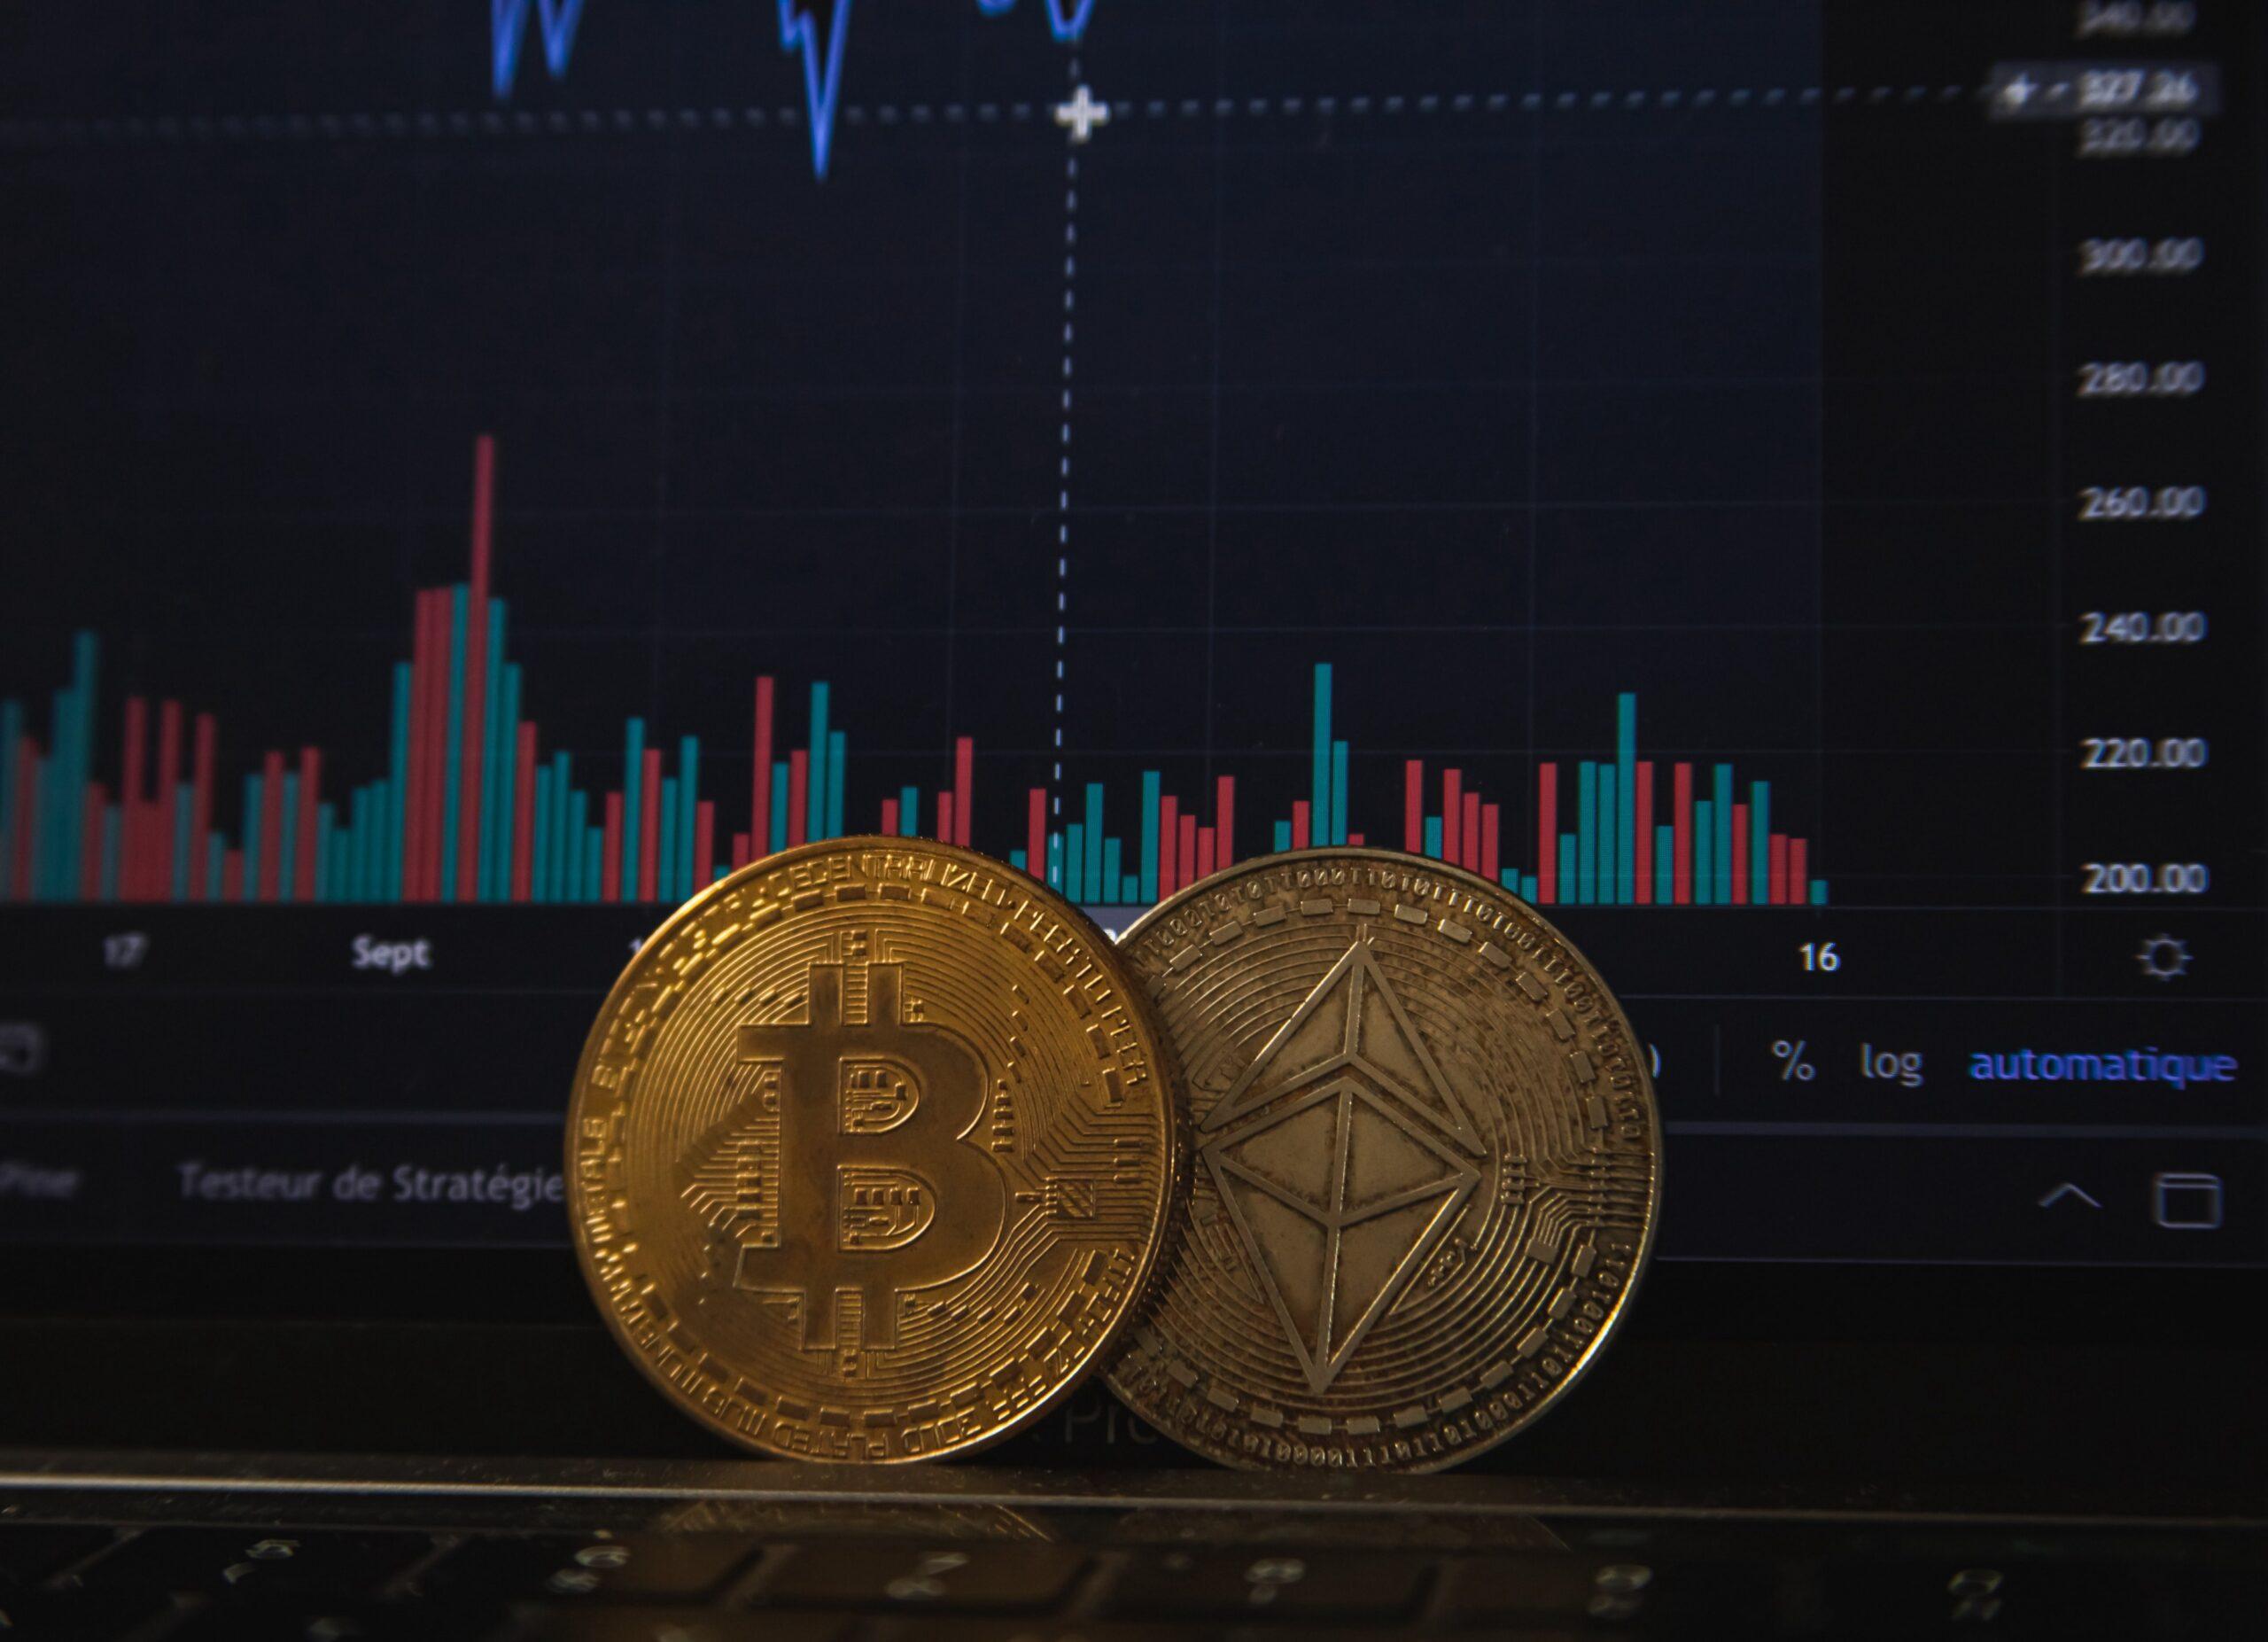 Bitcoin, hen's teeth and my weekend